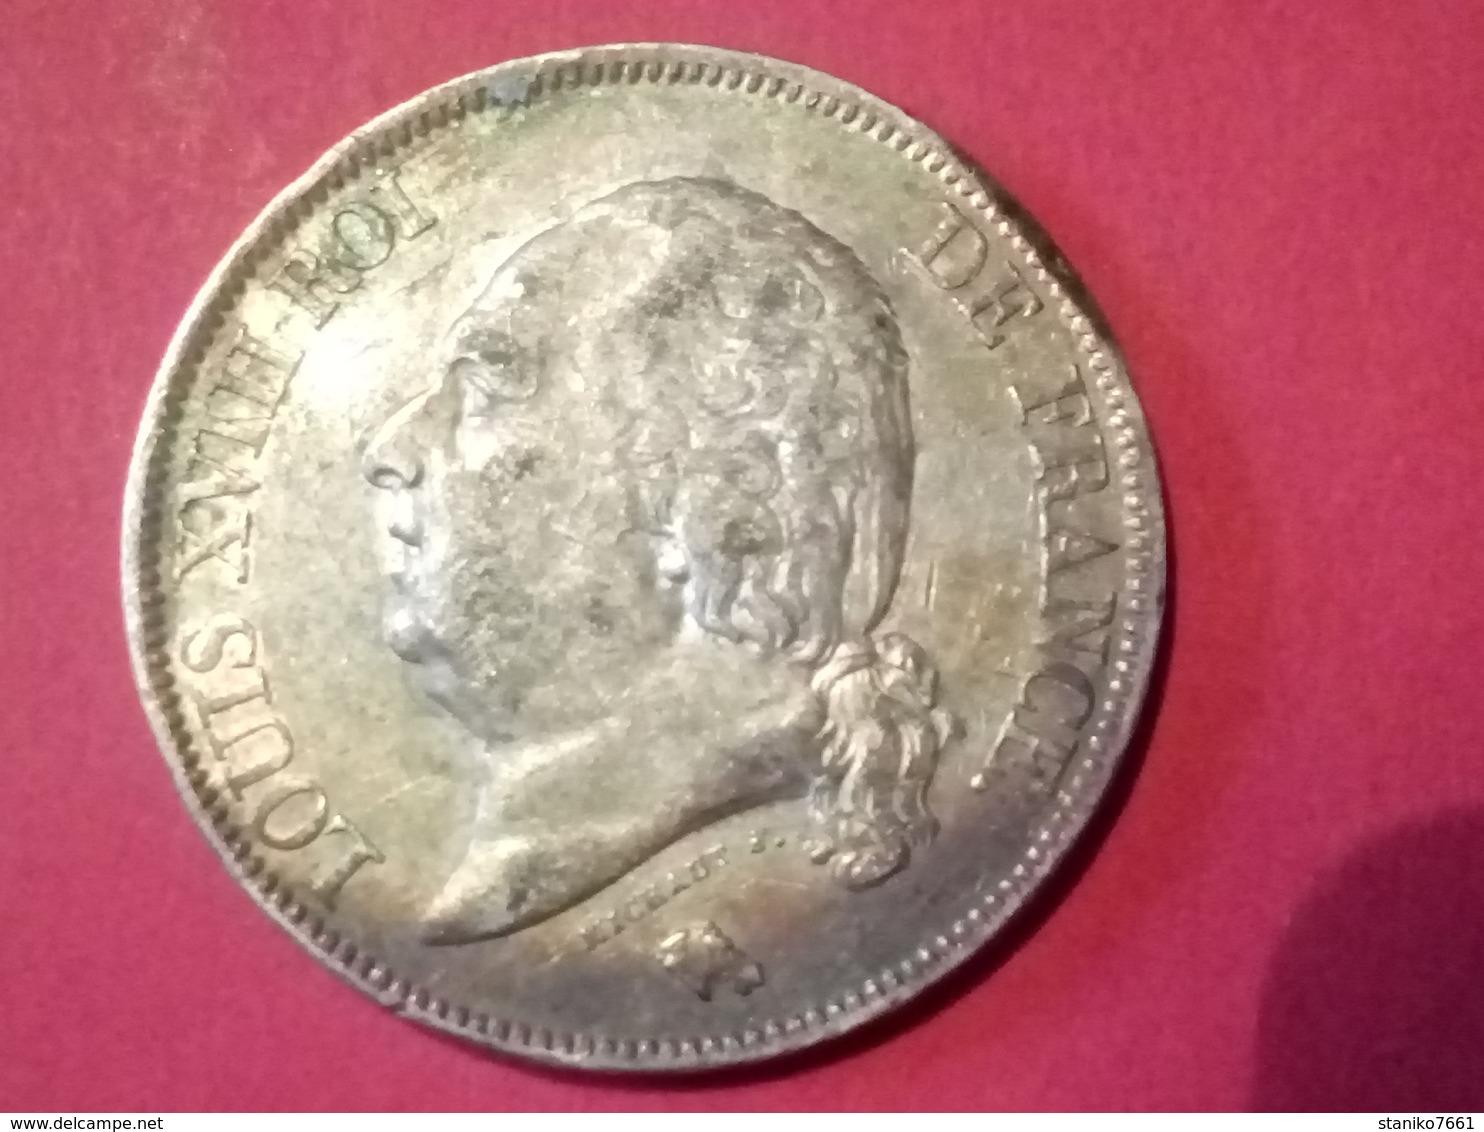 MONNAIE  PIÈCE DE 5 Francs MICHAUT F. LOUIS XVIII 1822 A  ARGENT Non Nettoyé - J. 5 Francs